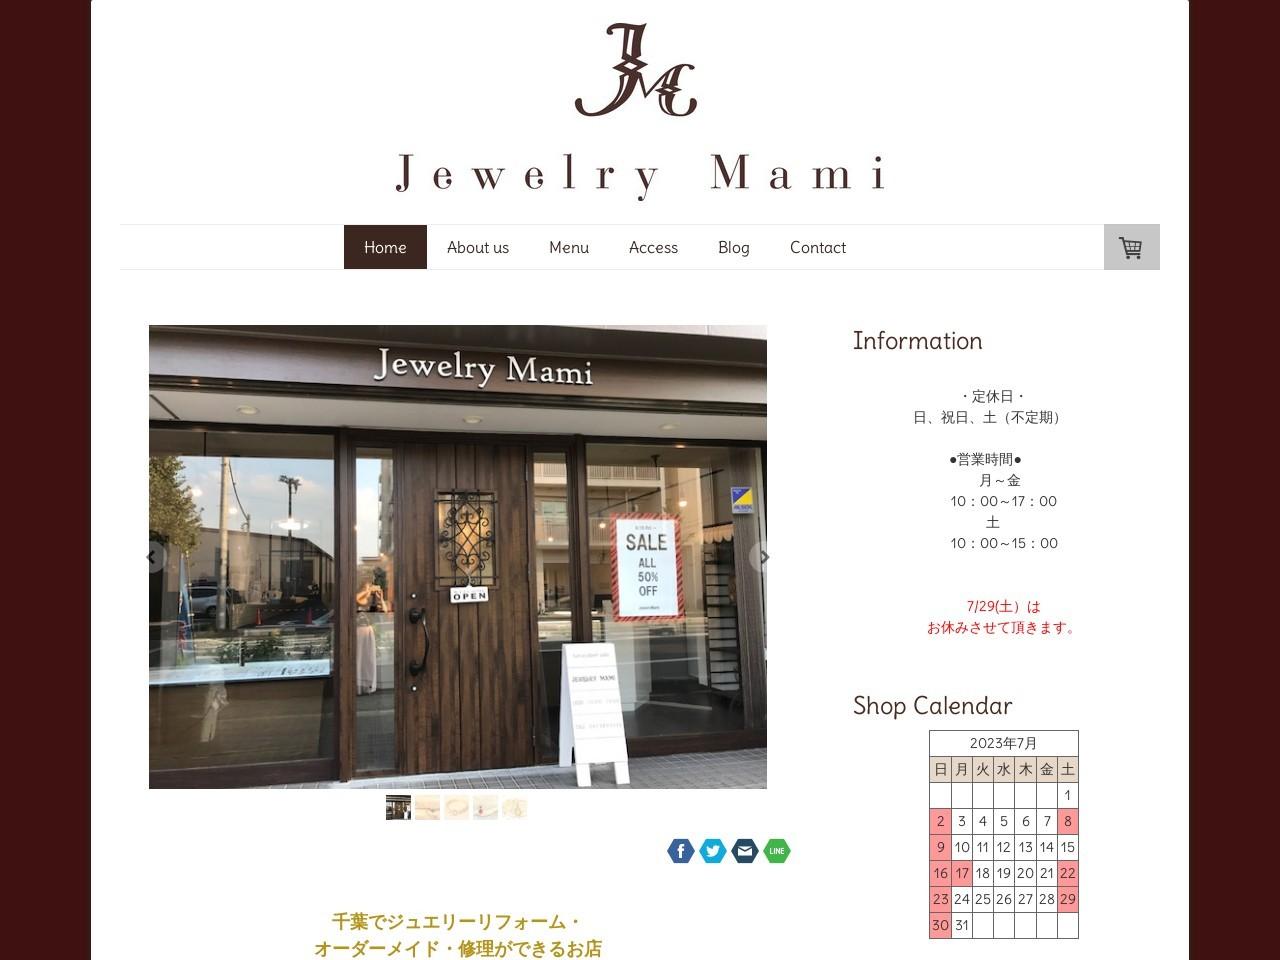 千葉でジュエリーリフォーム・オーダーメイド・修理するなら - jewelrymami's home page